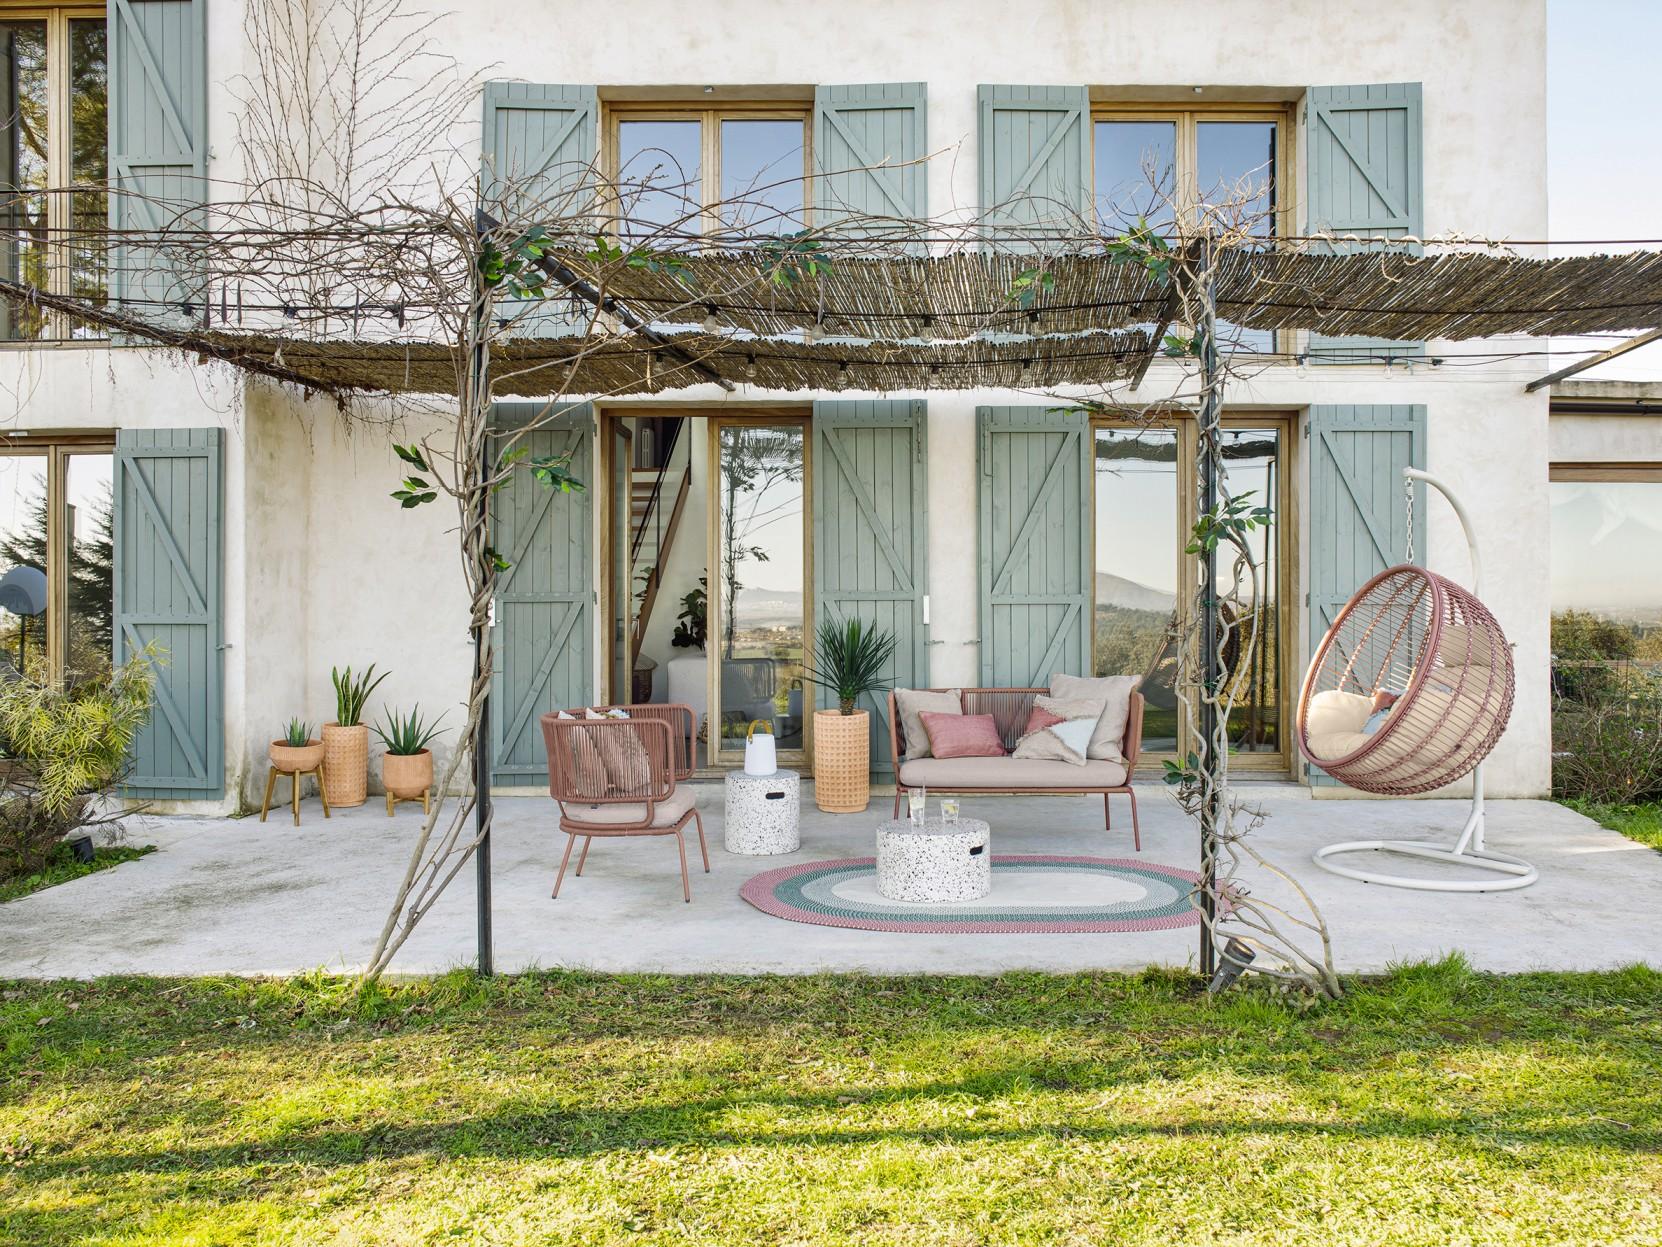 kave home collection all about terracotta terre cuite argile maison décoration jardin extérieur terrasses balcon soleil